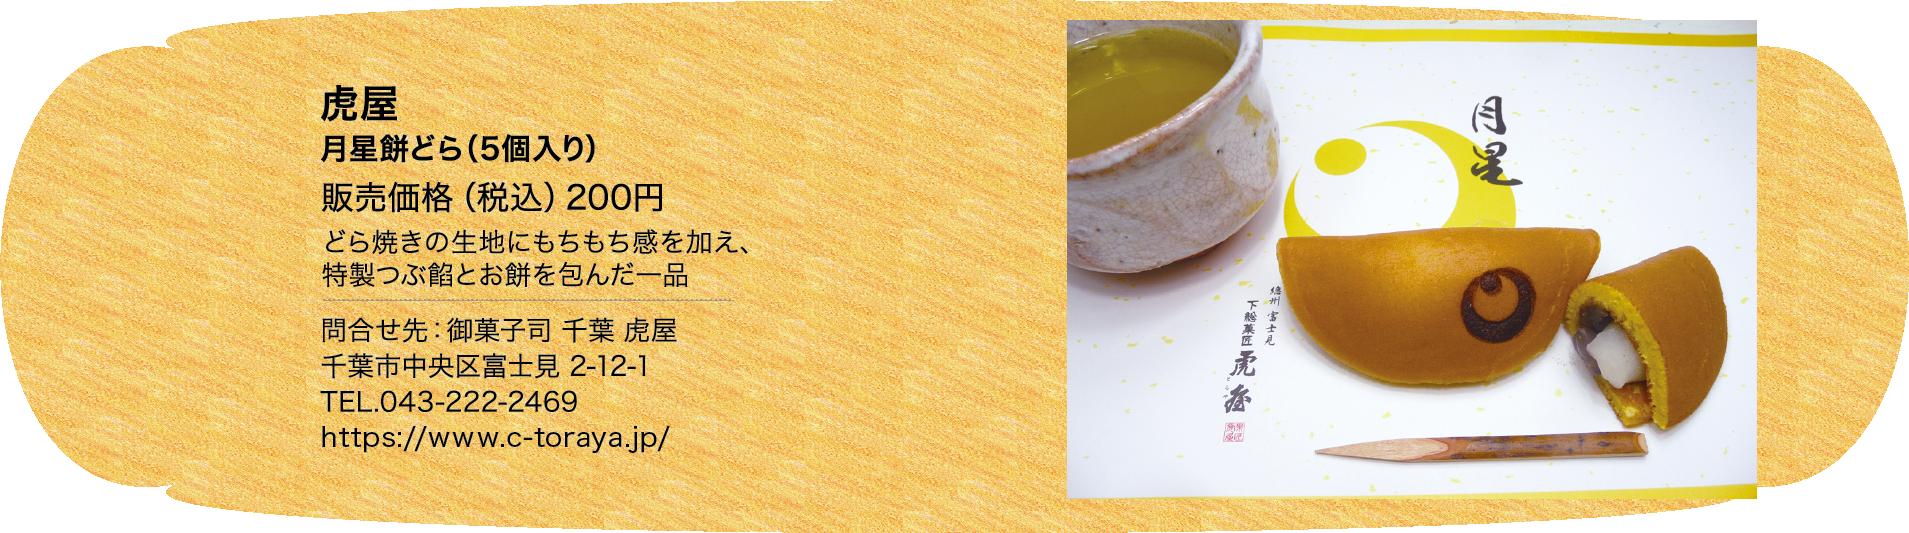 お土産情報02